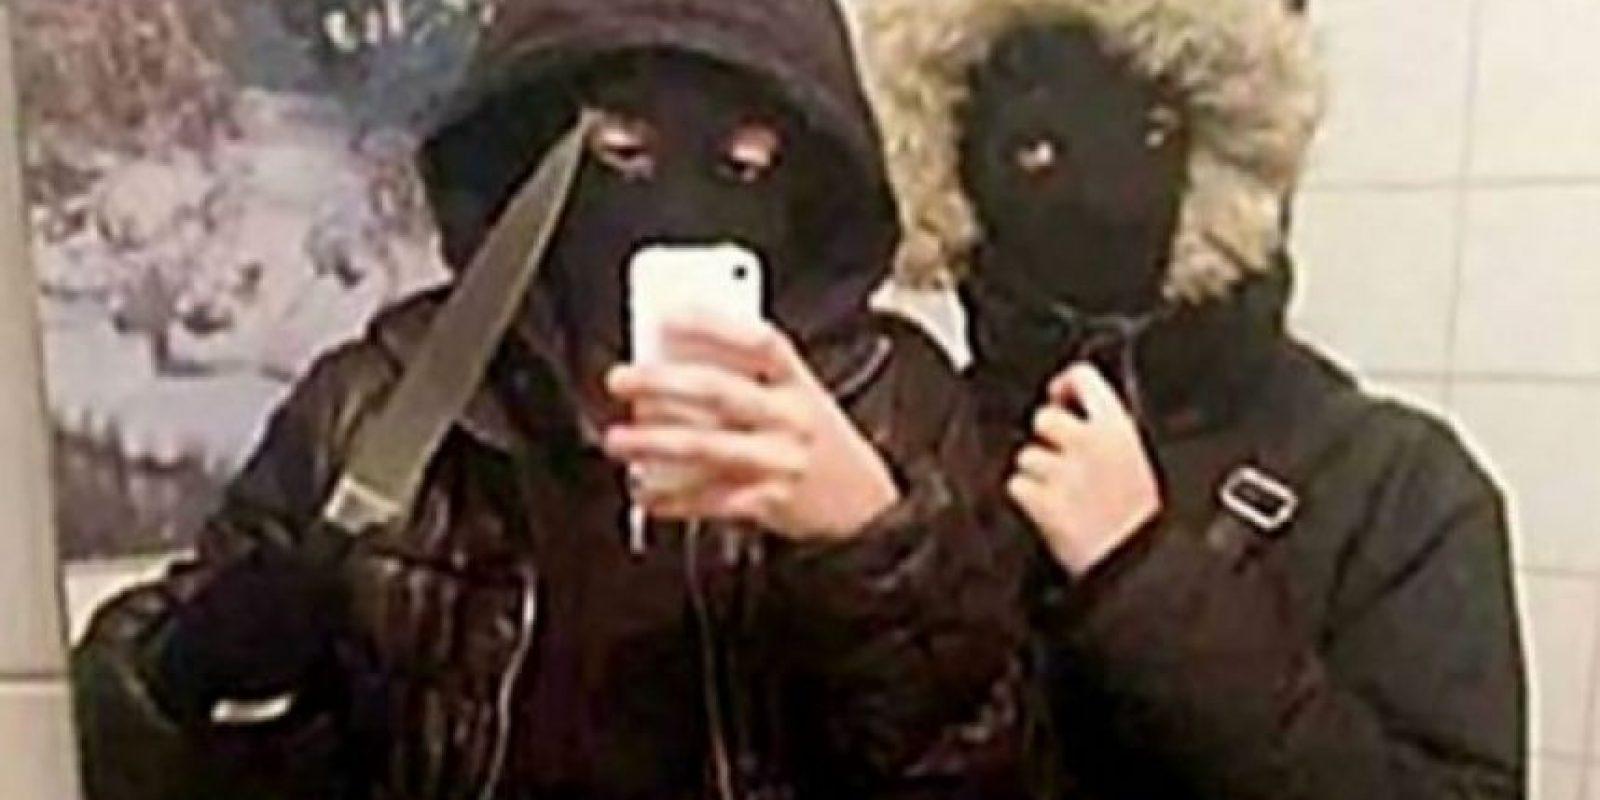 Unos adolescentes se retrataron momentos antes de robar 400 dólares en un restaurante de hamburguesas en Suecia. Según reportes, si la foto no hubiese existido, se habrían escapado fácilmente.